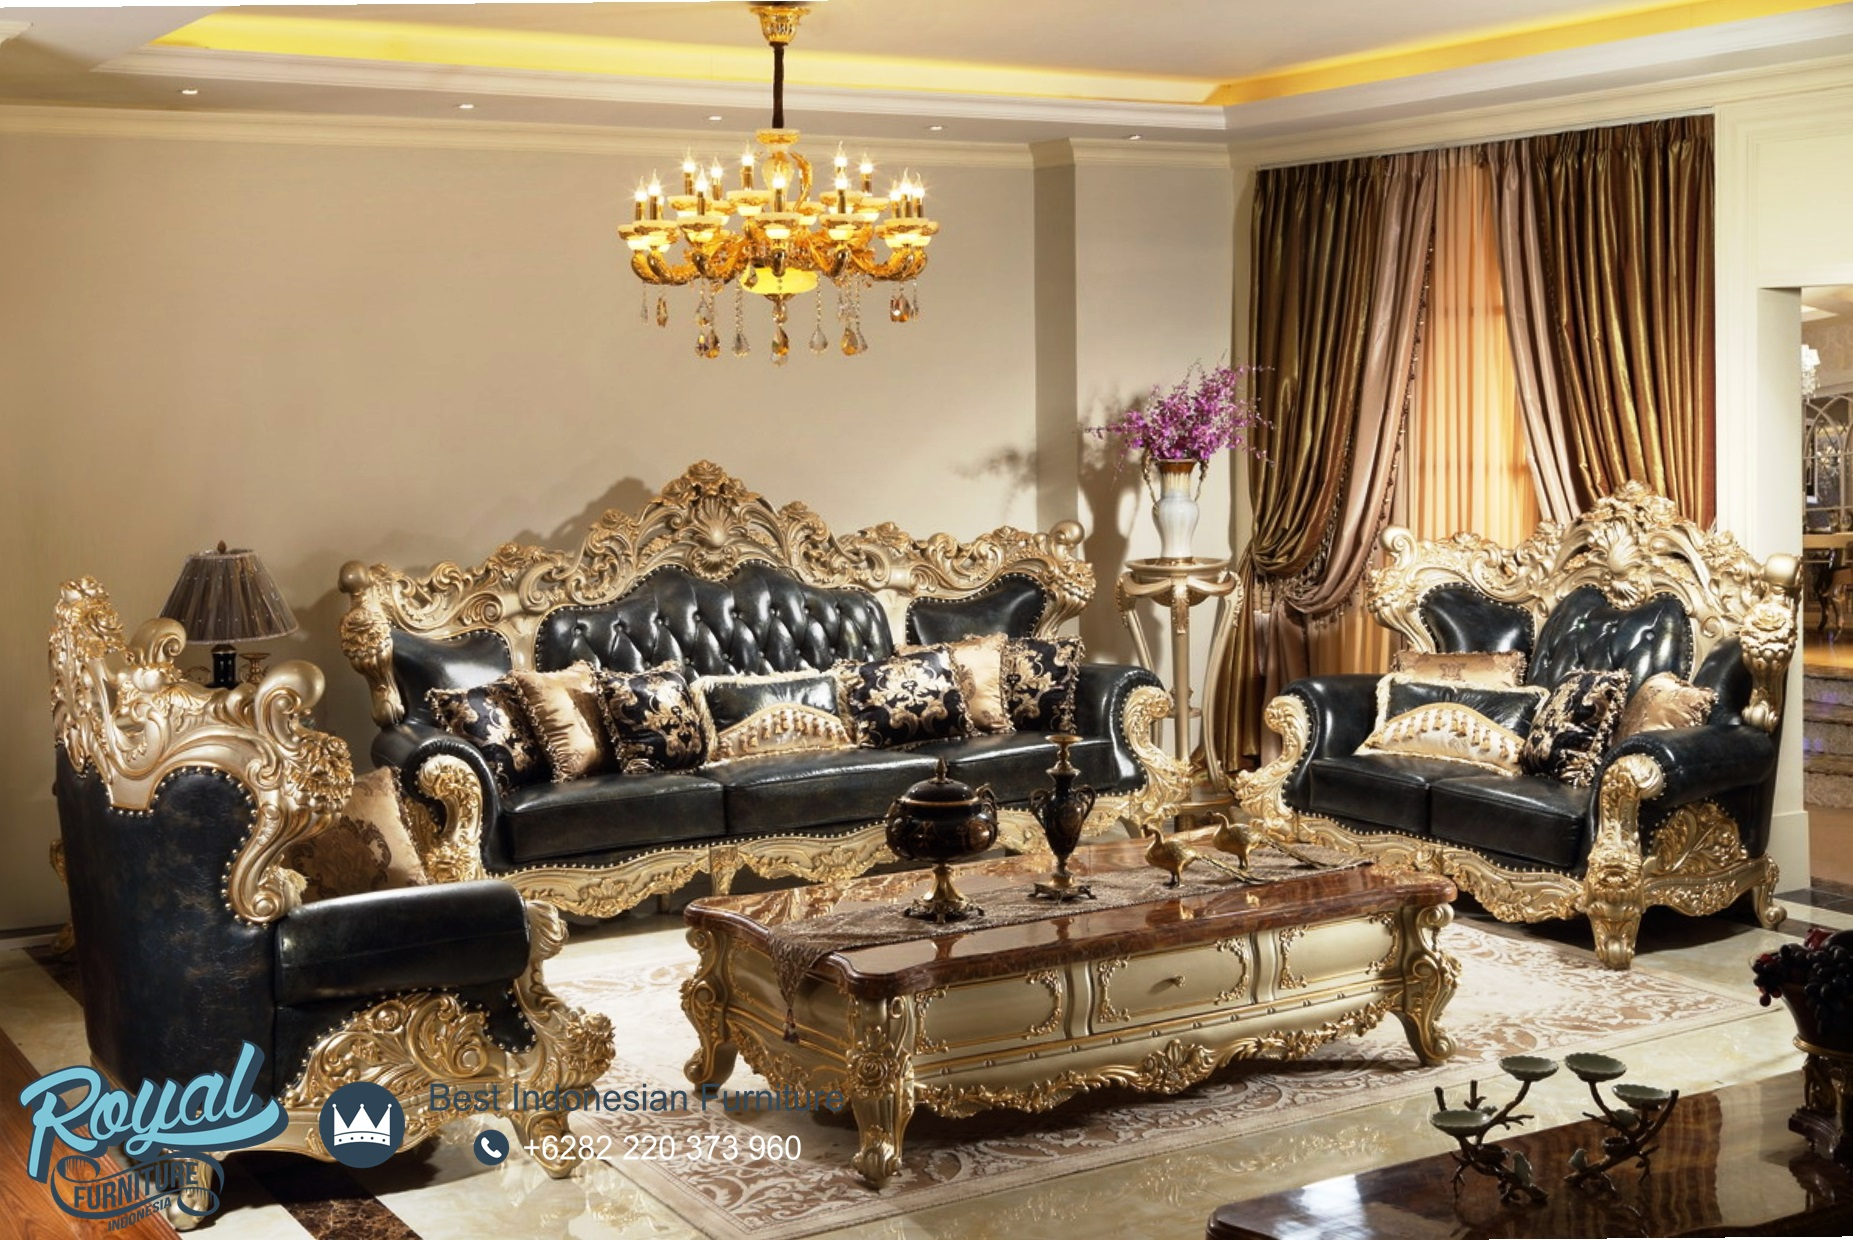 Sofa Tamu Klasik Terbaru Ukir Jepara Ifurnwoog, set sofa tamu klasik, set sofa tamu modern, sofa klasik minimalis, sofa klasik mewah, sofa klasik eropa, kursi tamu klasik minimalis, kursi tamu klasik eropa, kursi klasik jawa, sofa tamu klasik modern, sofa kursi ruang tamu klasik elegan, set sofa tamu mewah modern jati klasik, kursi tamu sofa klasik, kursi tamu mewah, sofa tamu klasik, set sofa tamu mewah, sofa tamu mewah terbaru, jual sofa tamu ukir jepara klasik, sofa tamu klasik, royal furniture